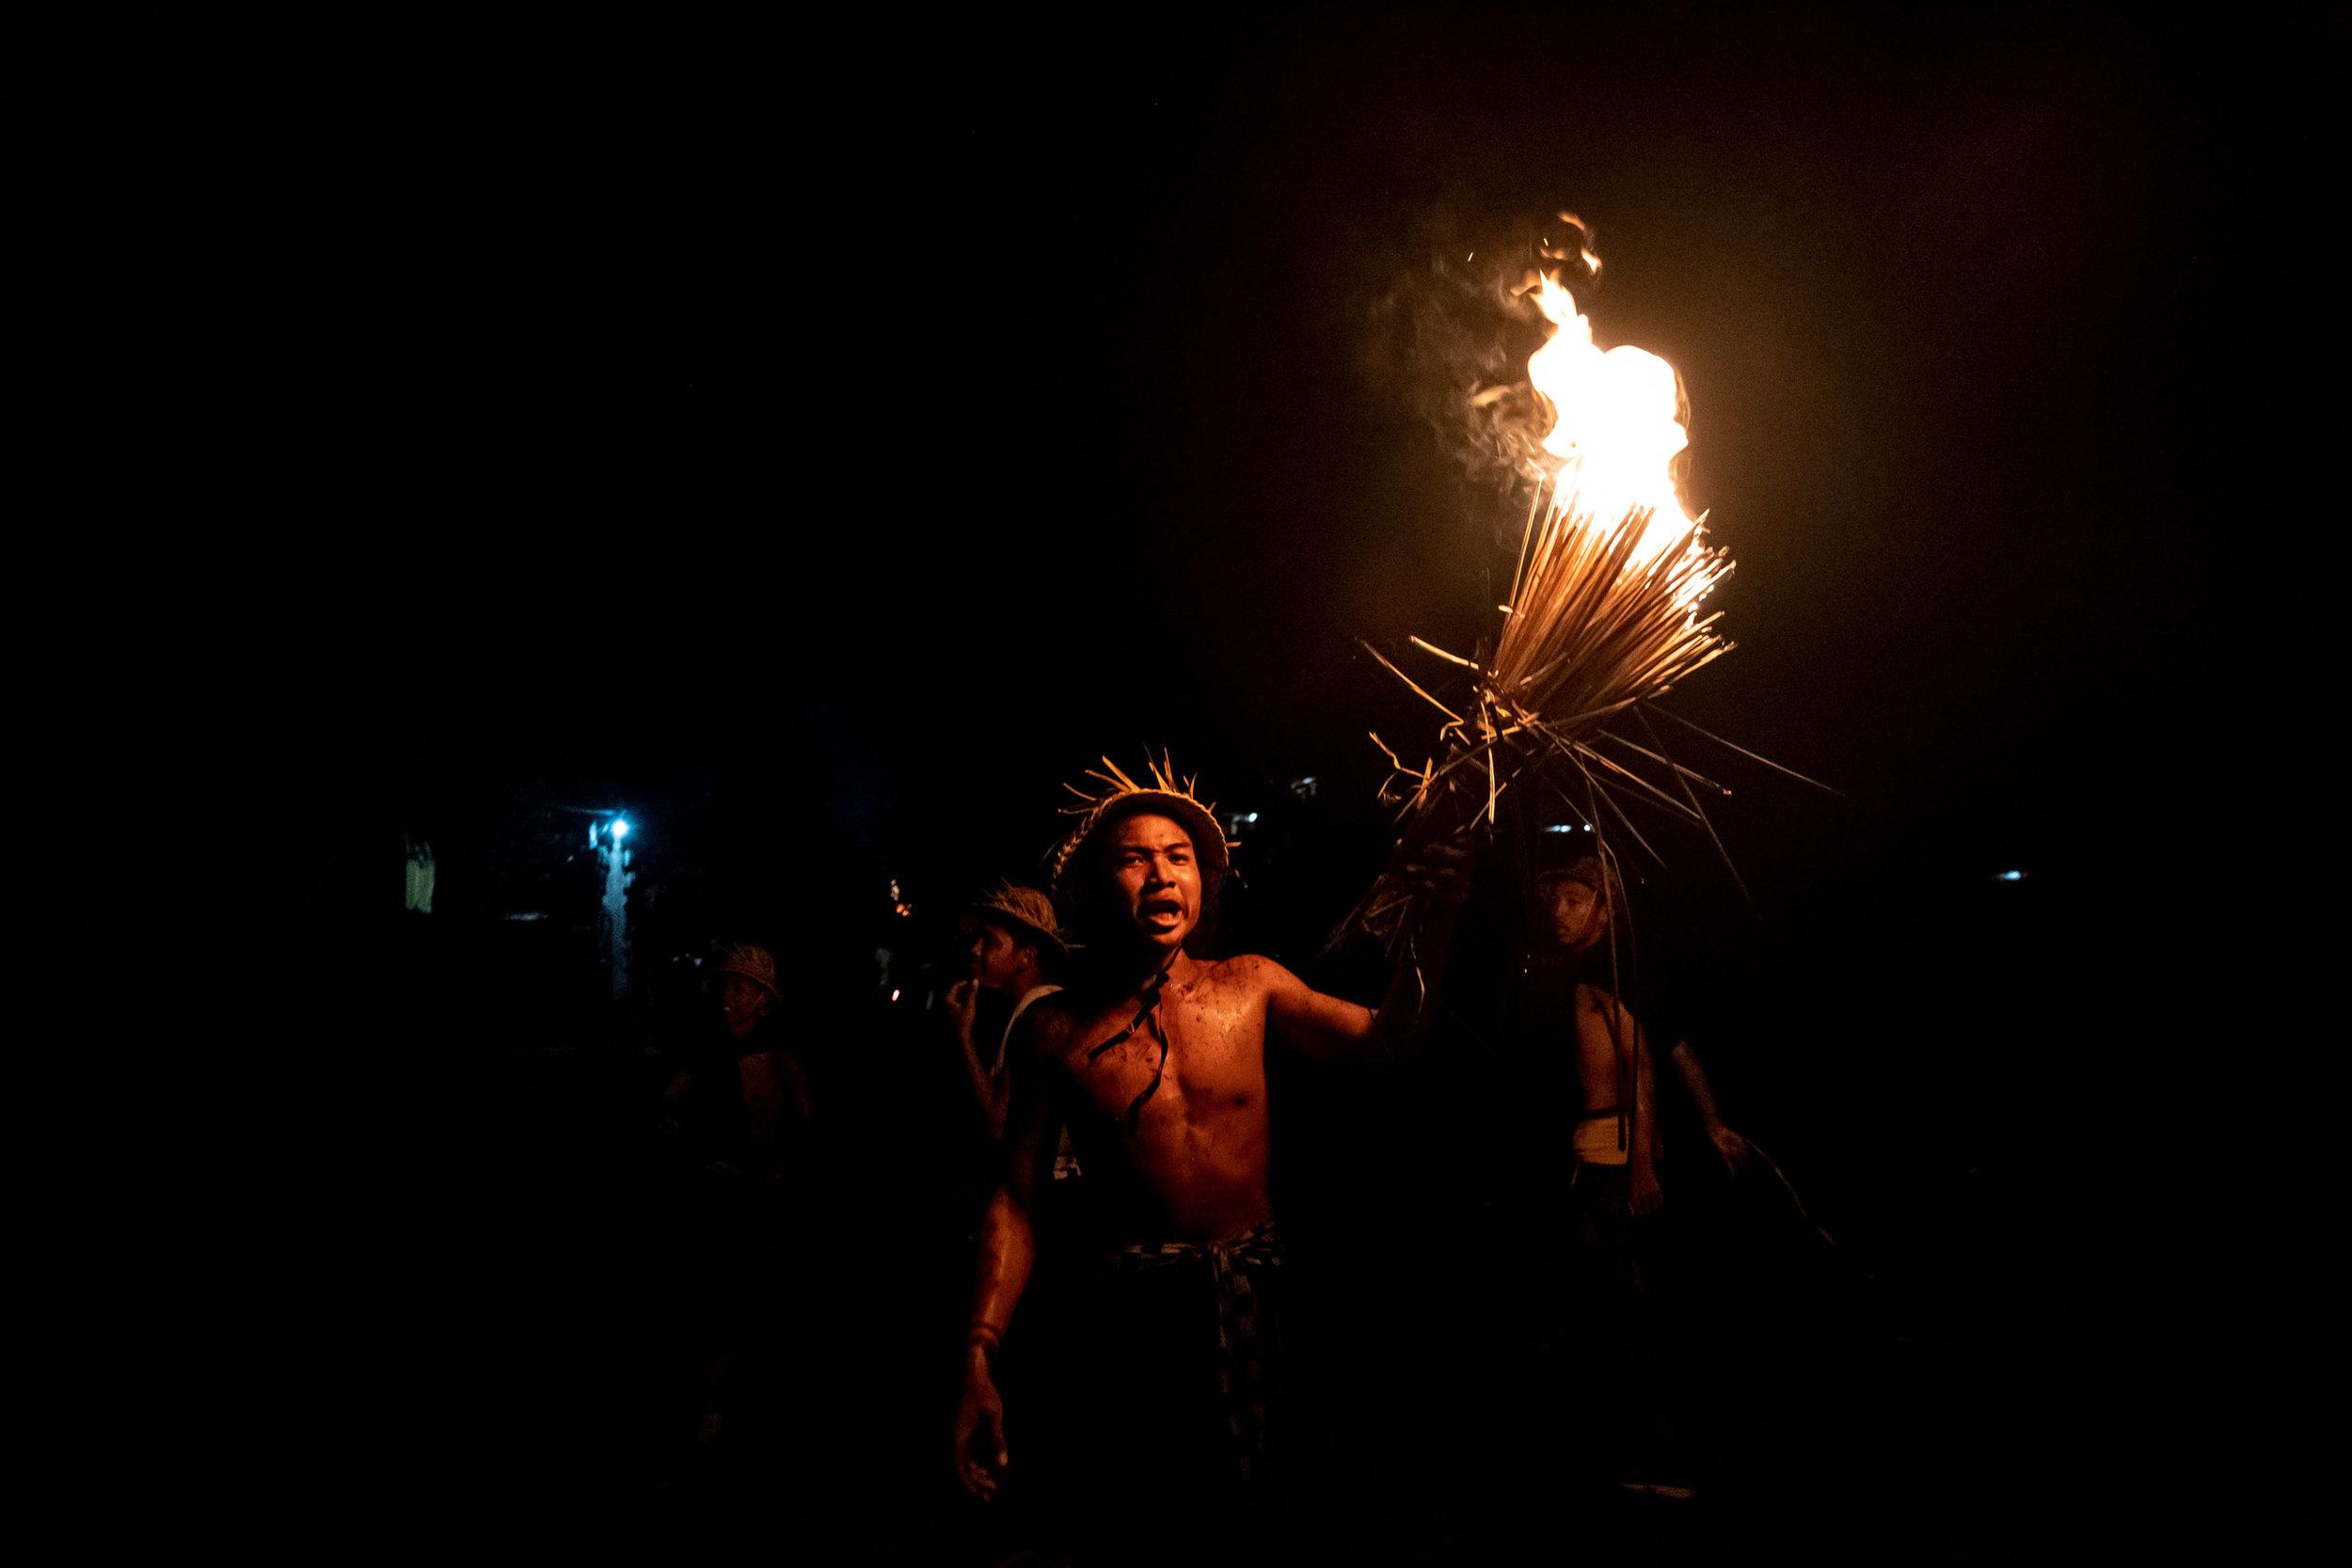 Agung Parameswara_sacred fire_027.jpg